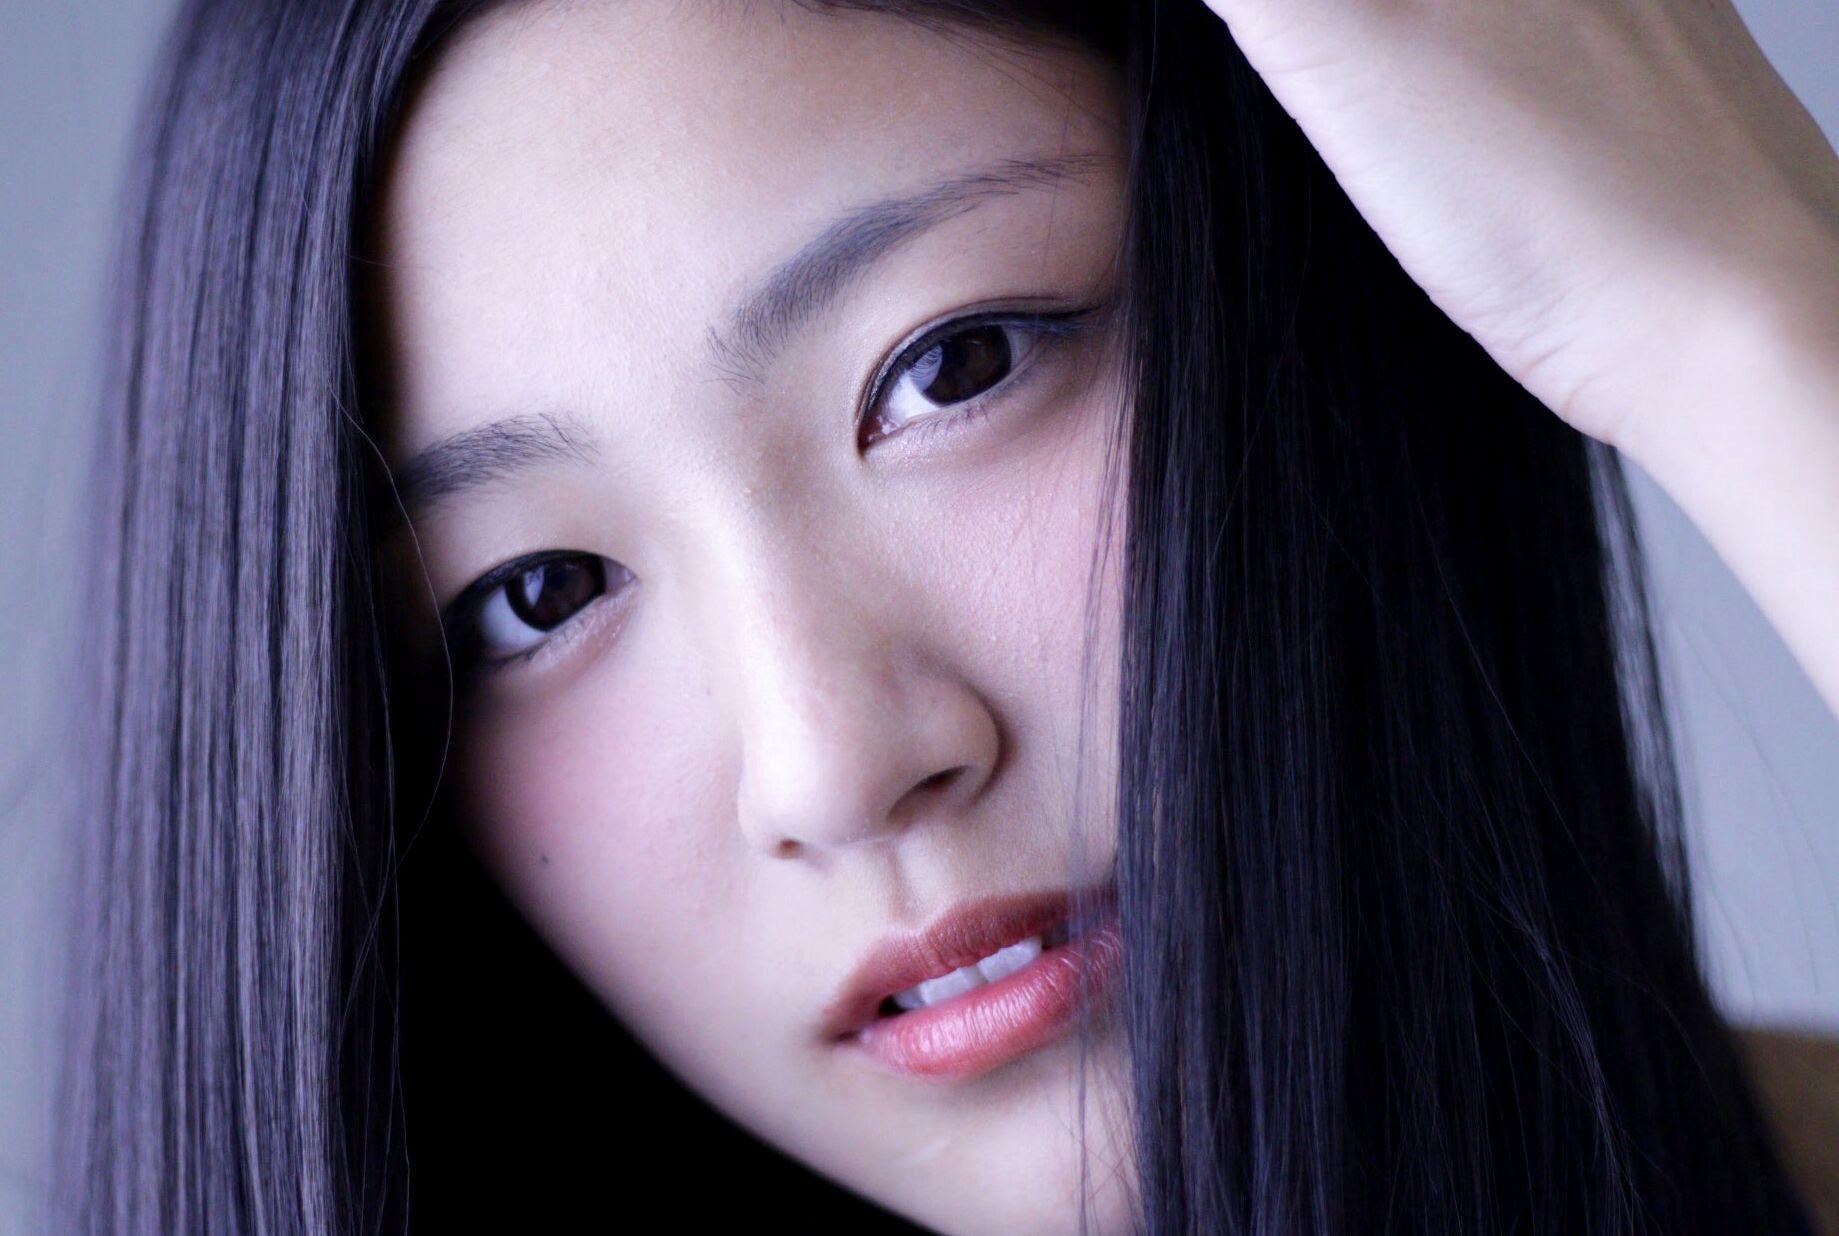 奈良岡美夢の顔ヌキ素材 (2)